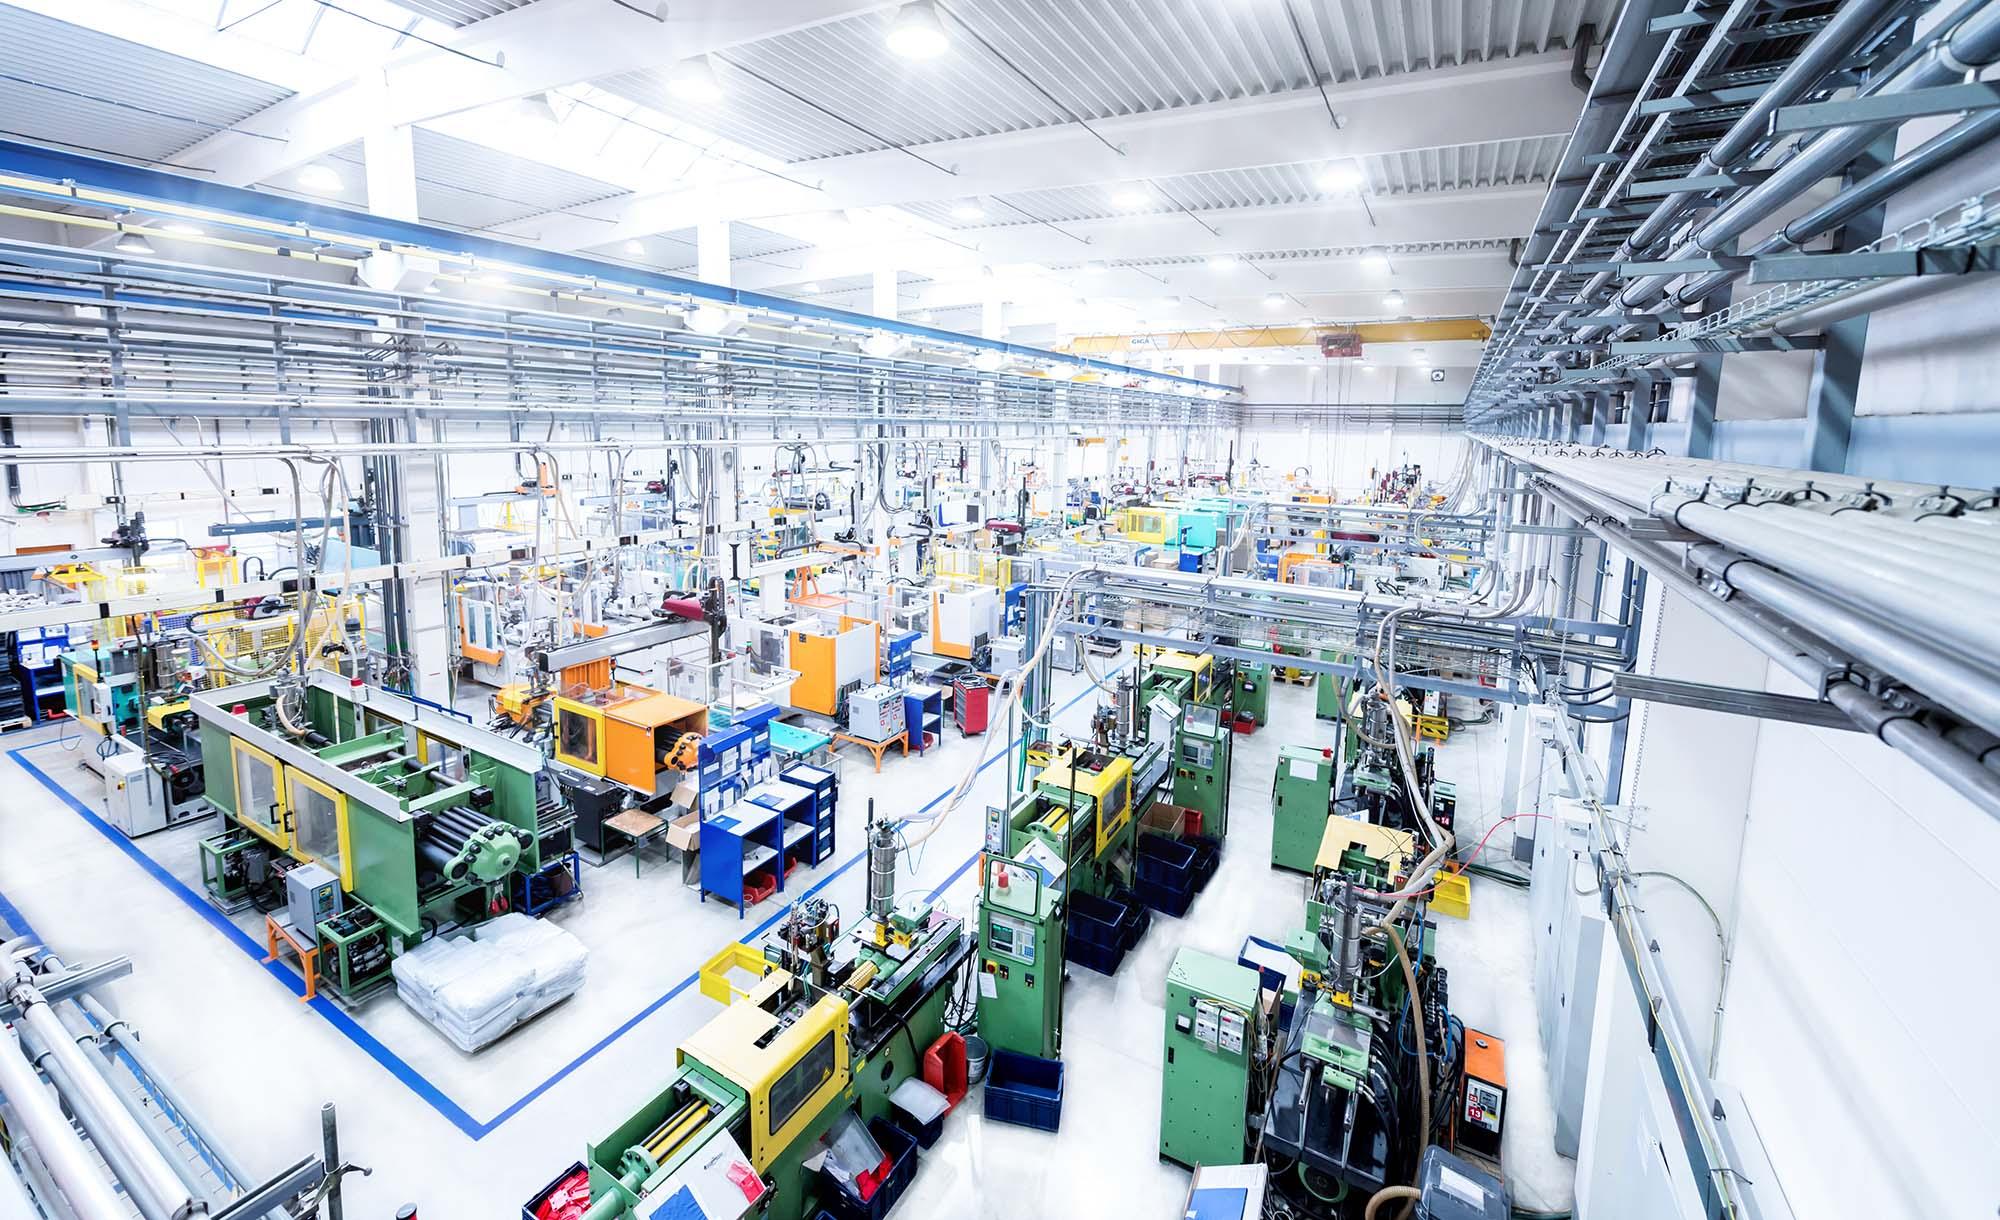 Kunststoff-einspritzung Kunststoff-Spritzgießwerkzeug Die Spritzgießpresse kontrolliert die Geschwindigkeit und den Einspritzdruck des Materials in der Form. Im Gegensatz zum Formen von Metallteilen dauert es weniger als eine Minute, um ein Teil mit eingespritztem Kunststoff zu konstruieren.